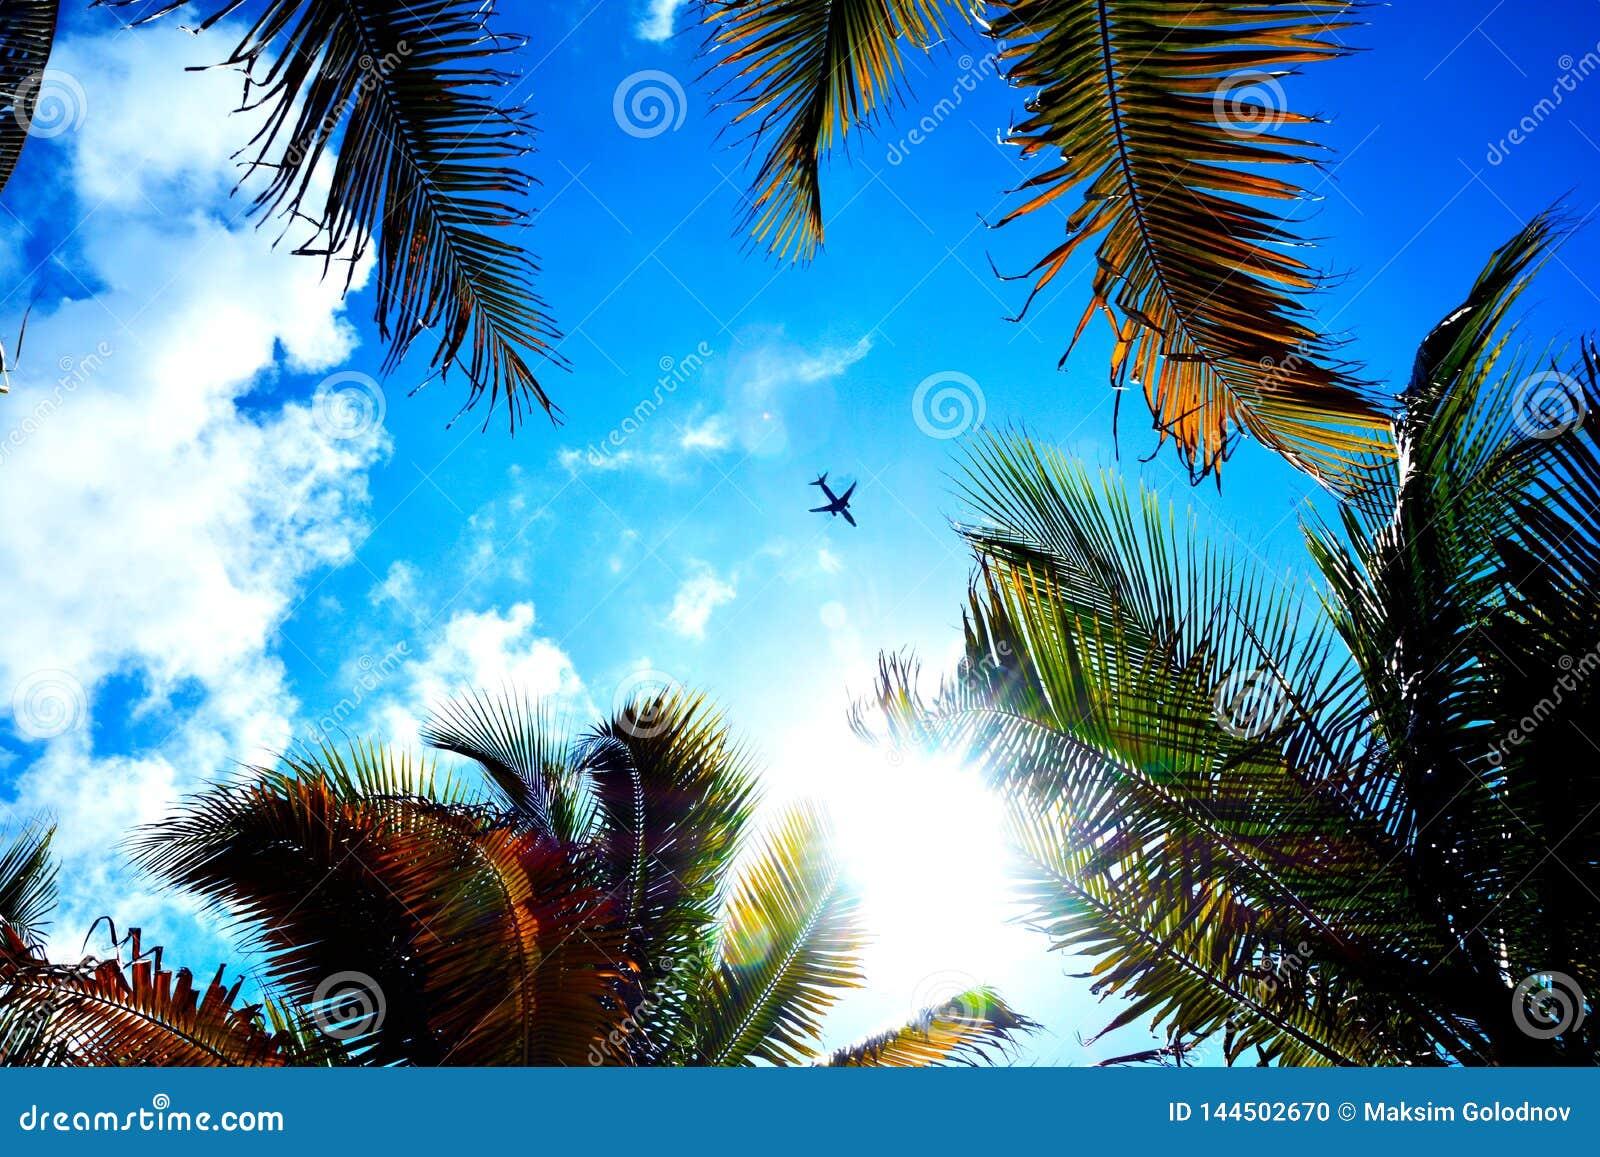 在棕榈上的平面飞行